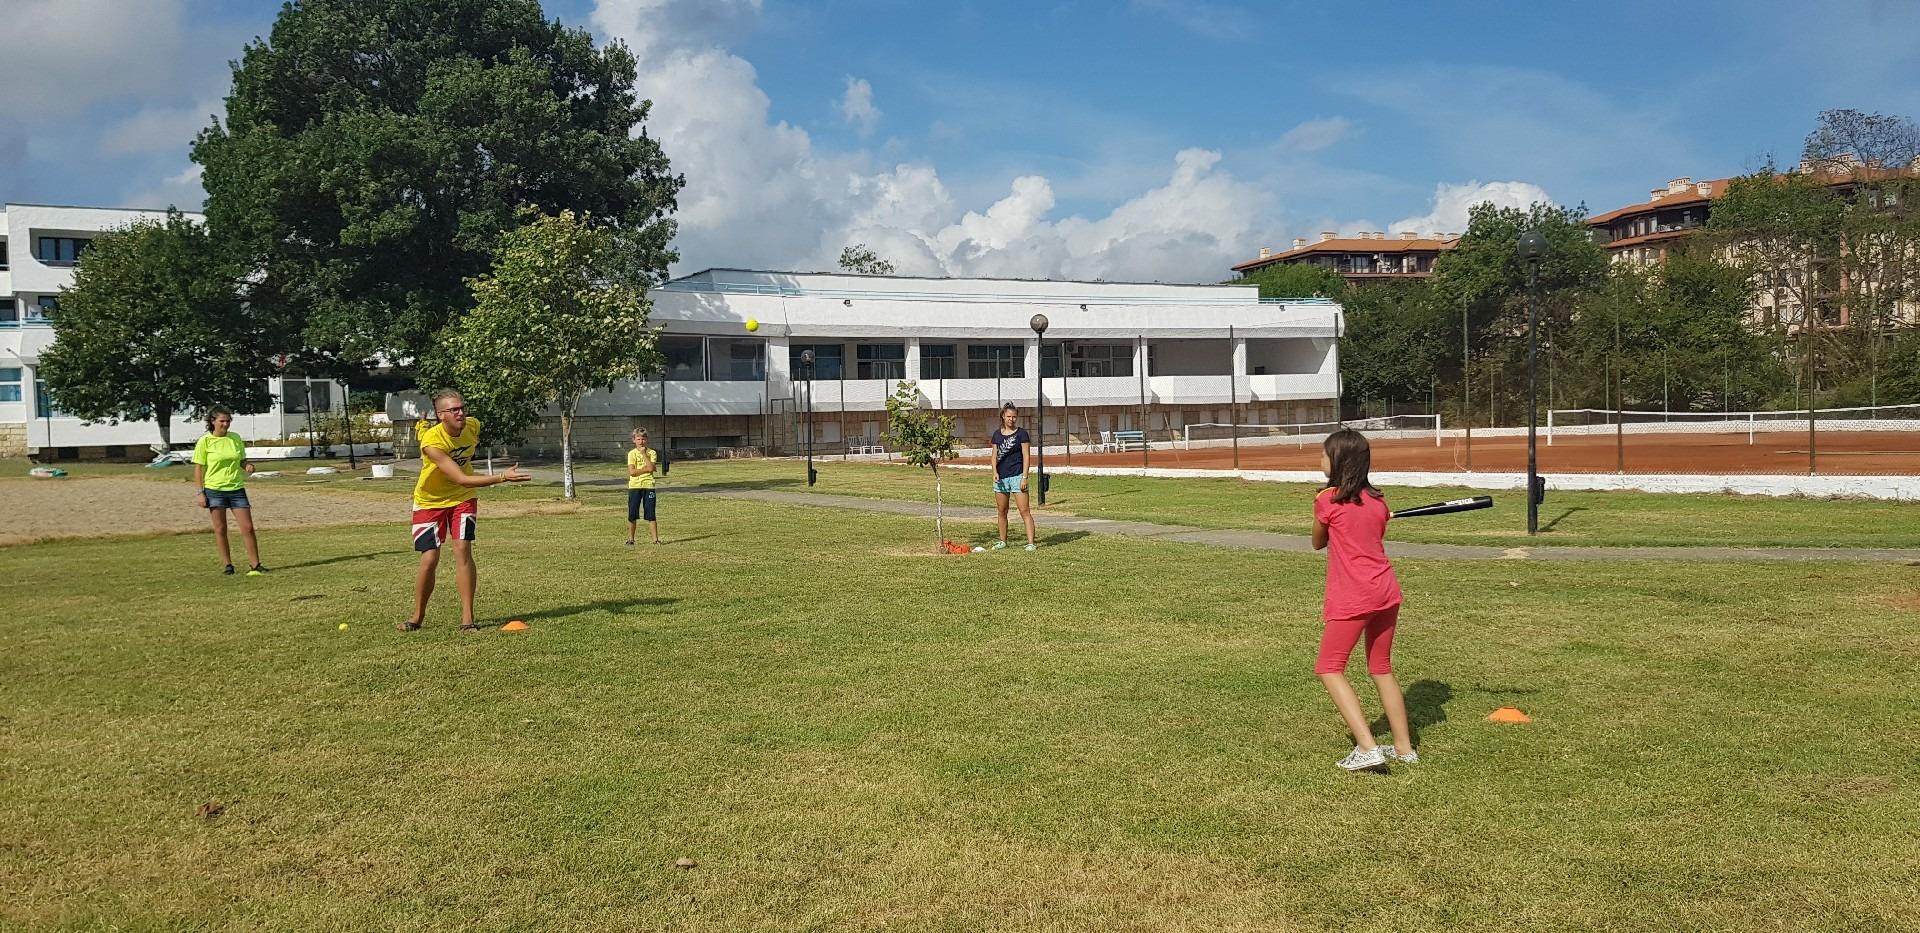 летни езикови лагери в България Z кемп, Ден 34 - игра с топка и бухалка - учител хвърля топка